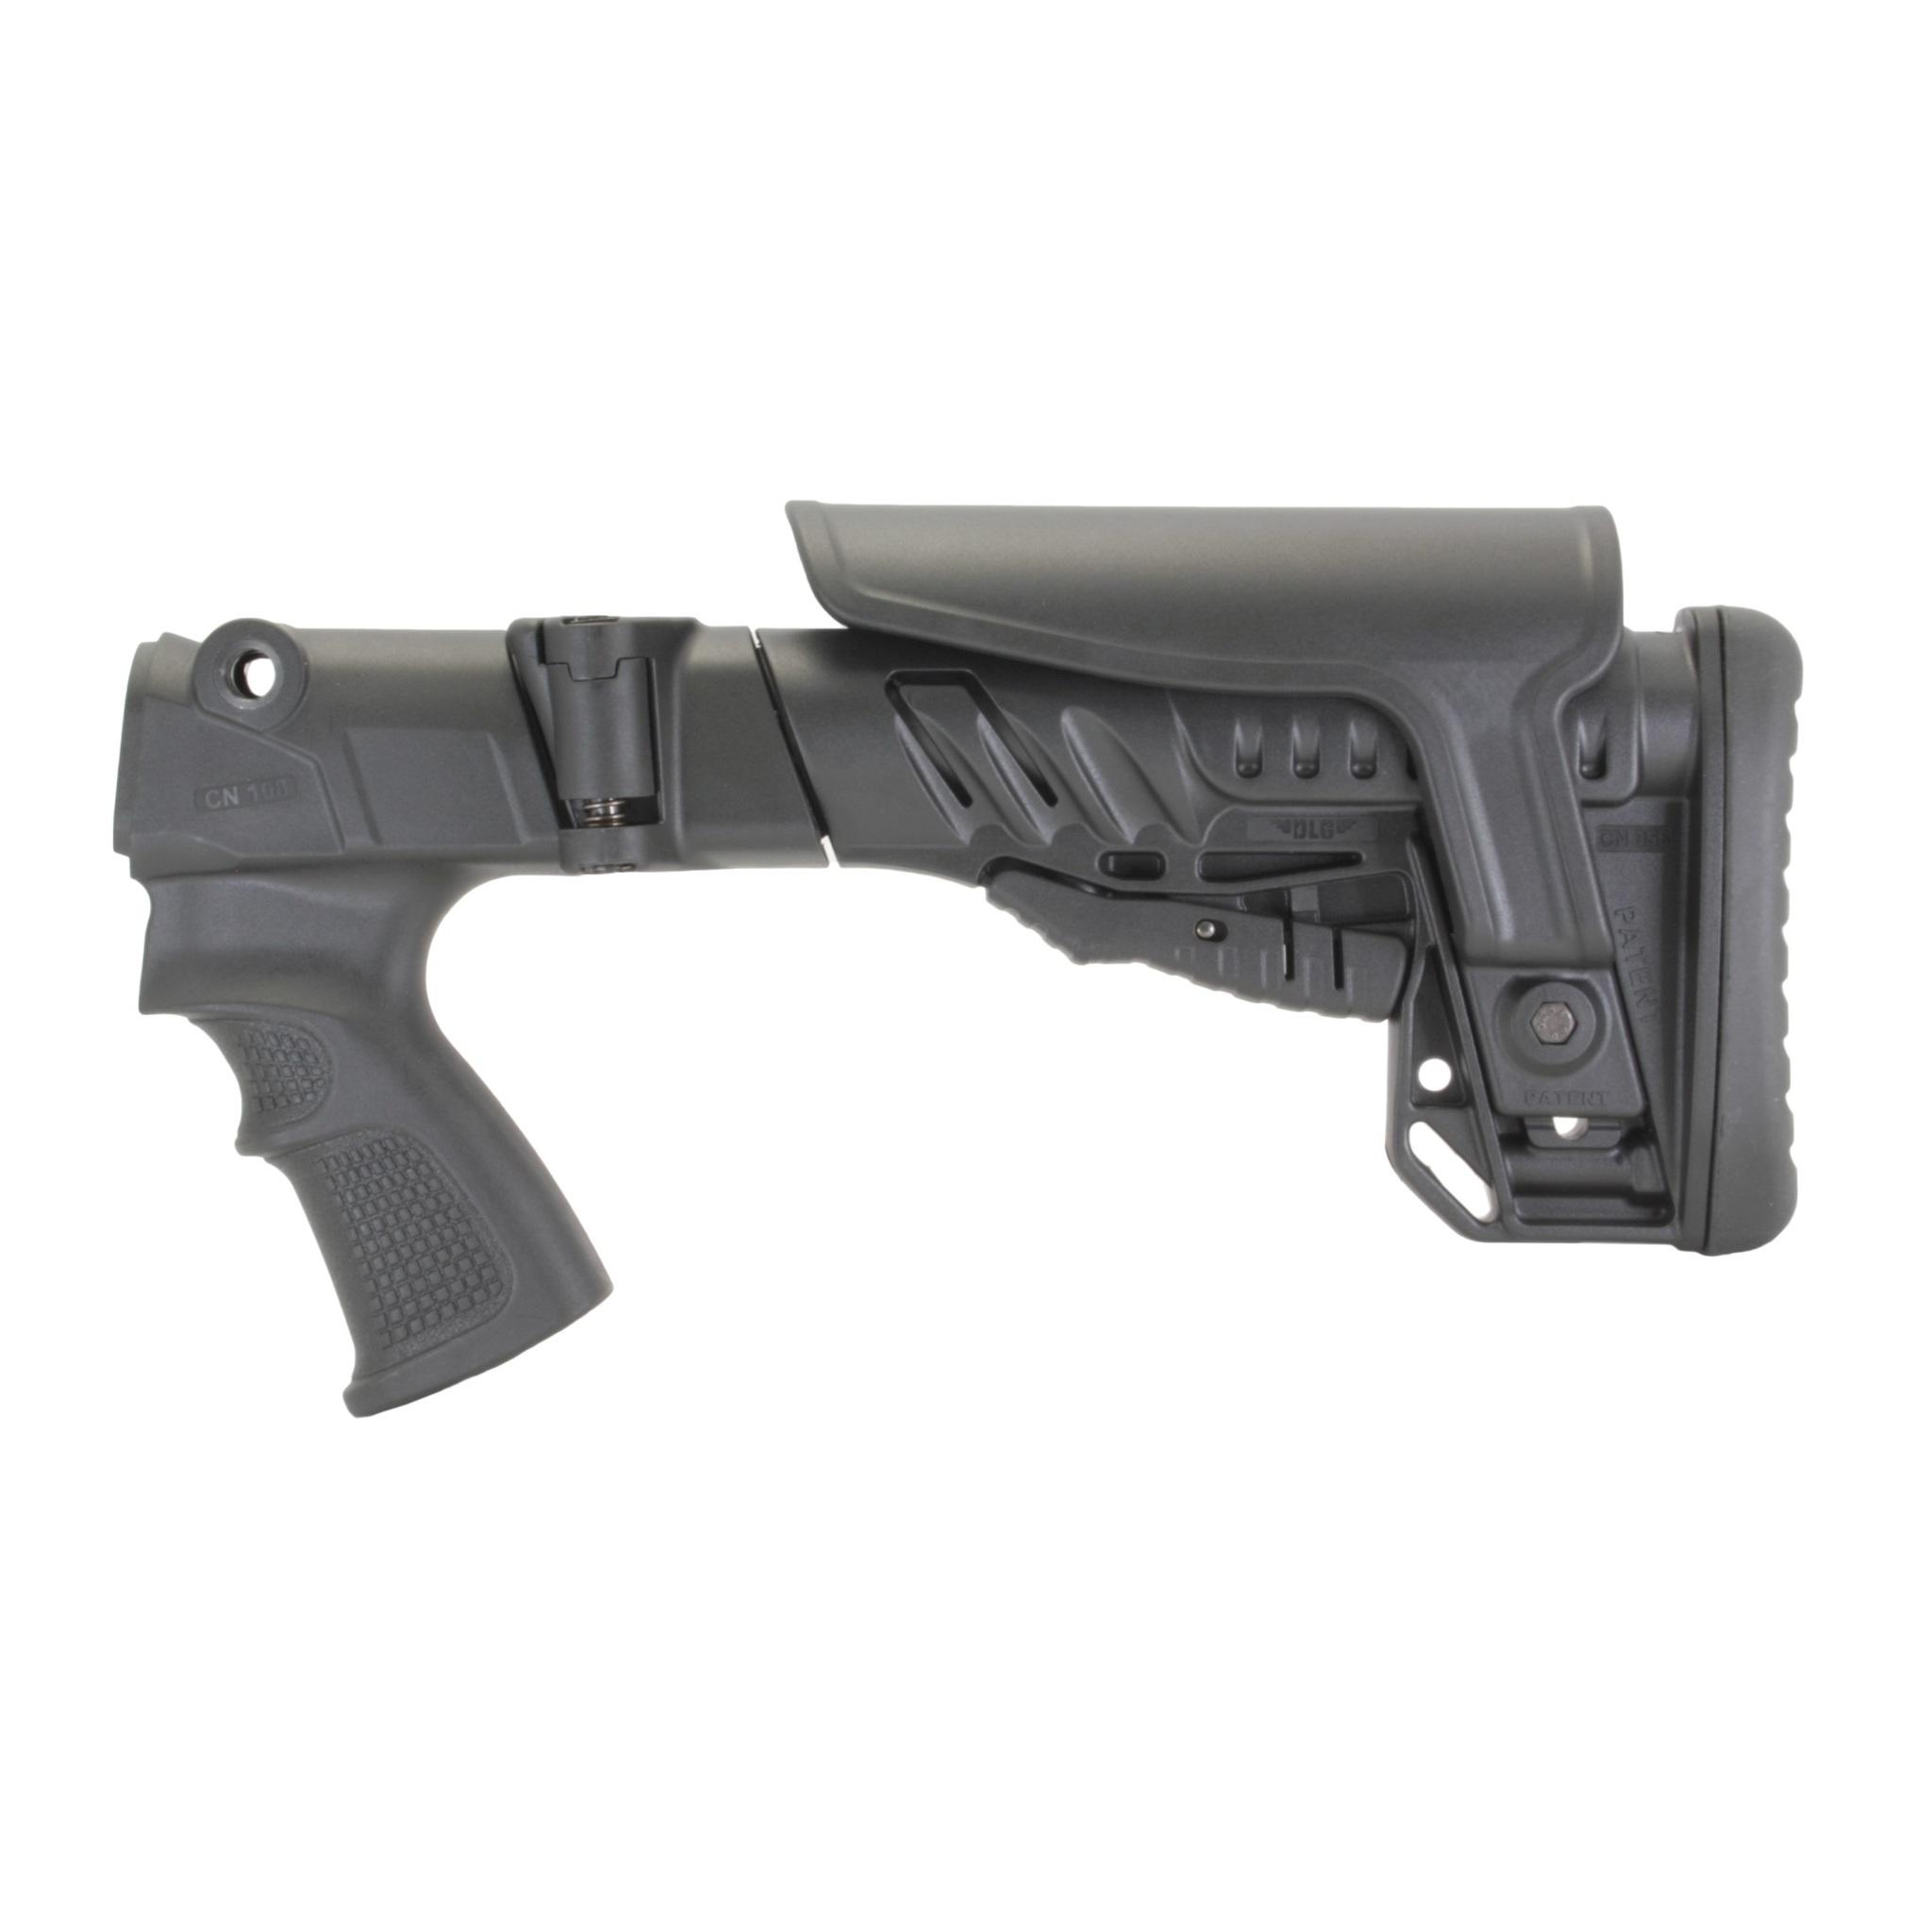 Купить Комплект: Складной приклад Remington, DLG Tactical